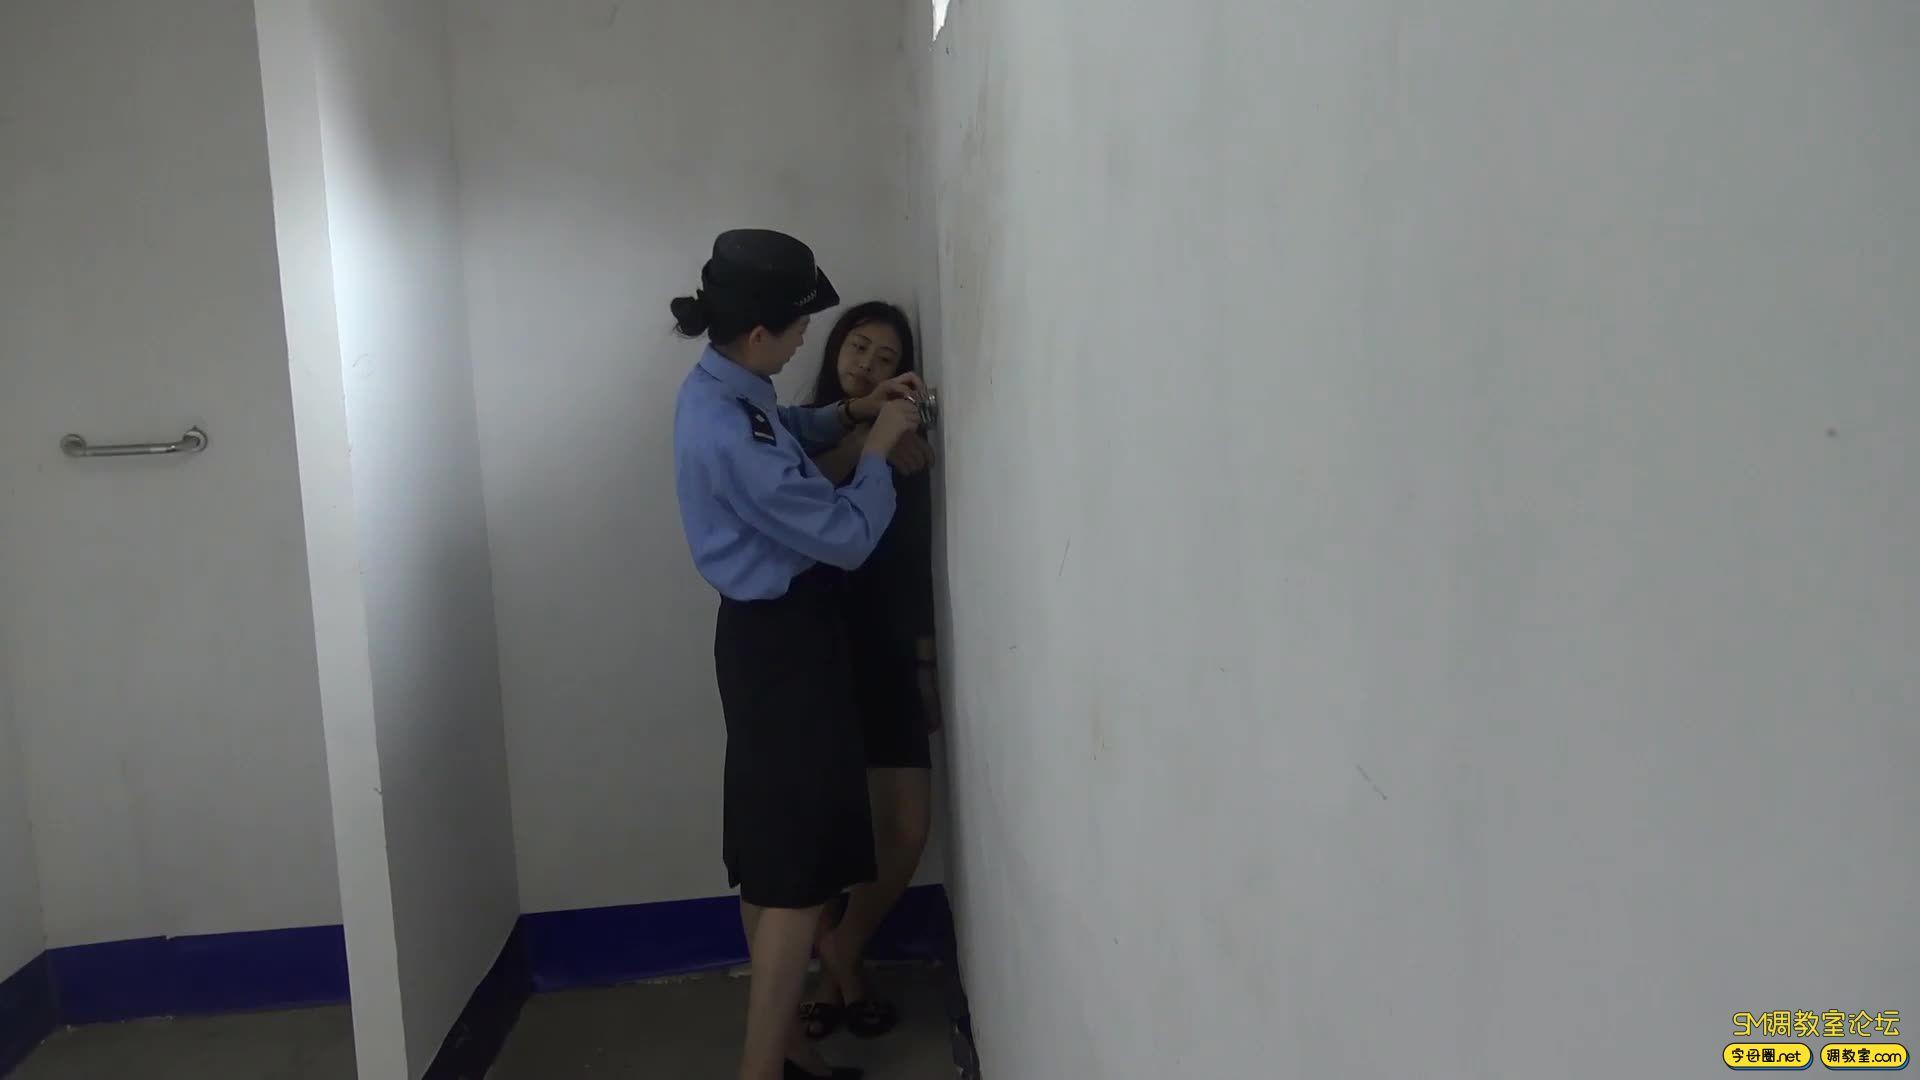 梨花雨 女犯王浏芳 剧情-0.jpg-SM调教所论坛[国产绳艺在线播放专区]